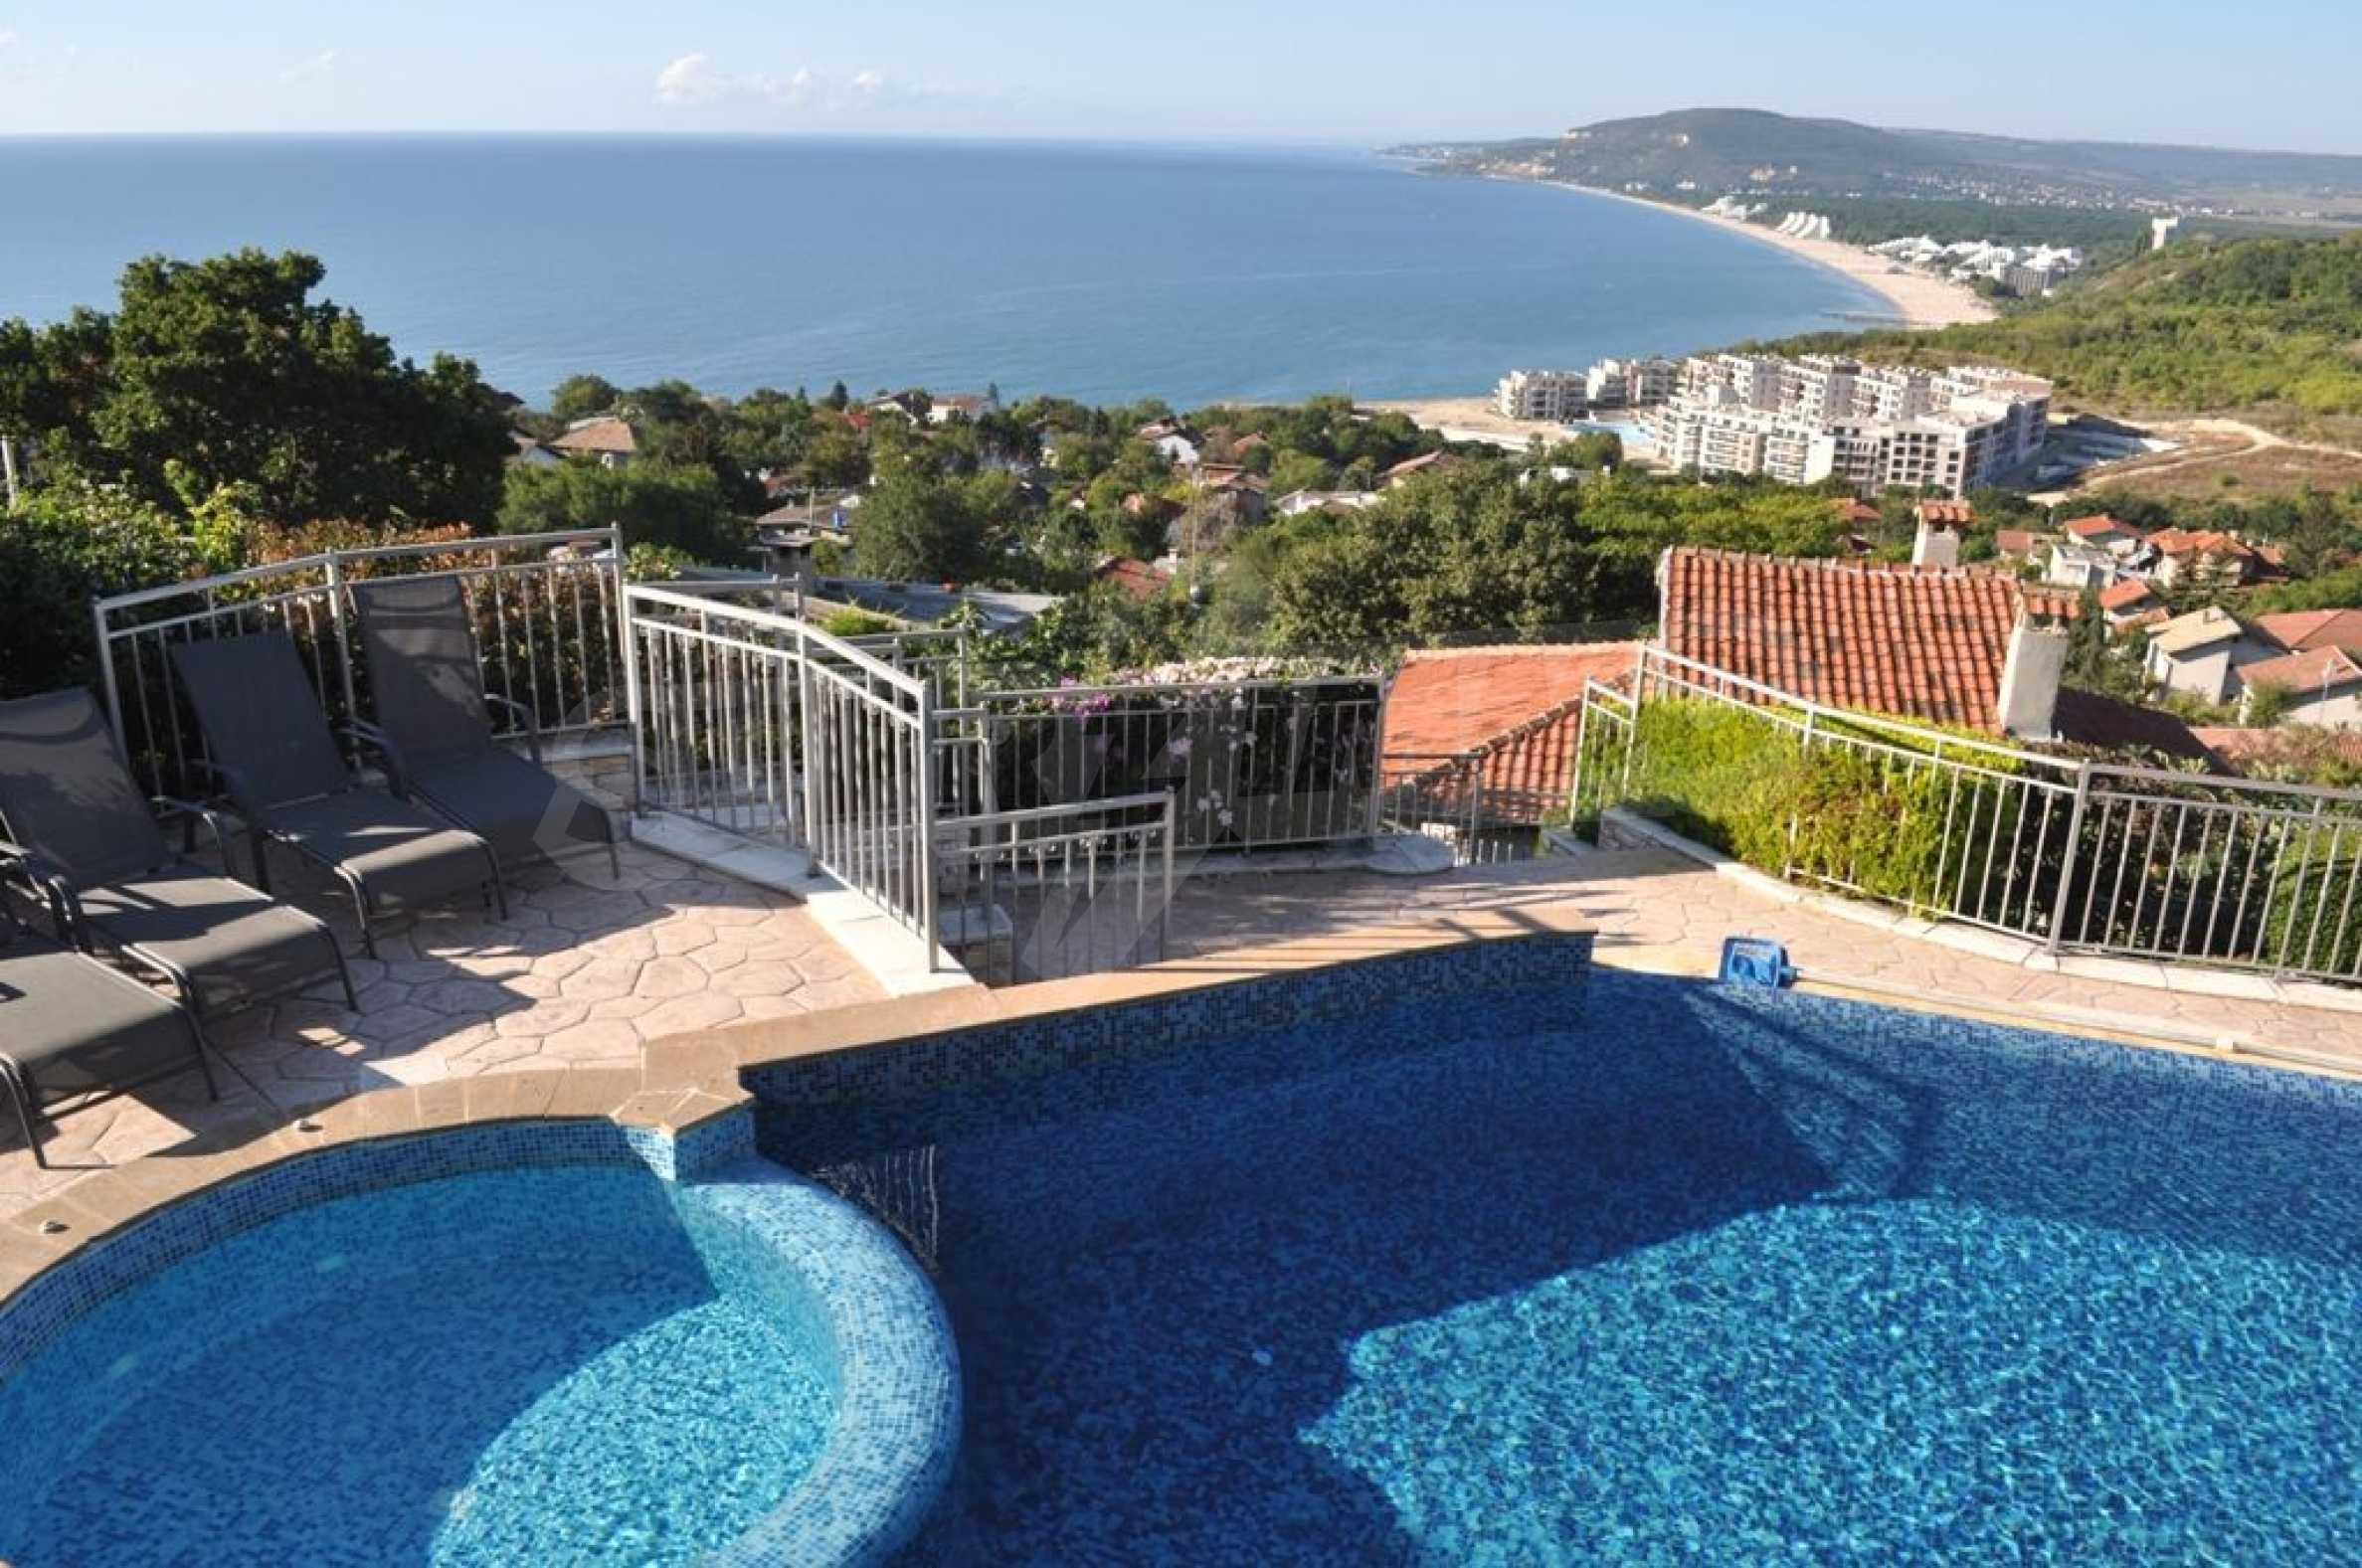 Villa mit Swimmingpool und 6 Schlafzimmern in der Nähe des Resorts Albena 2